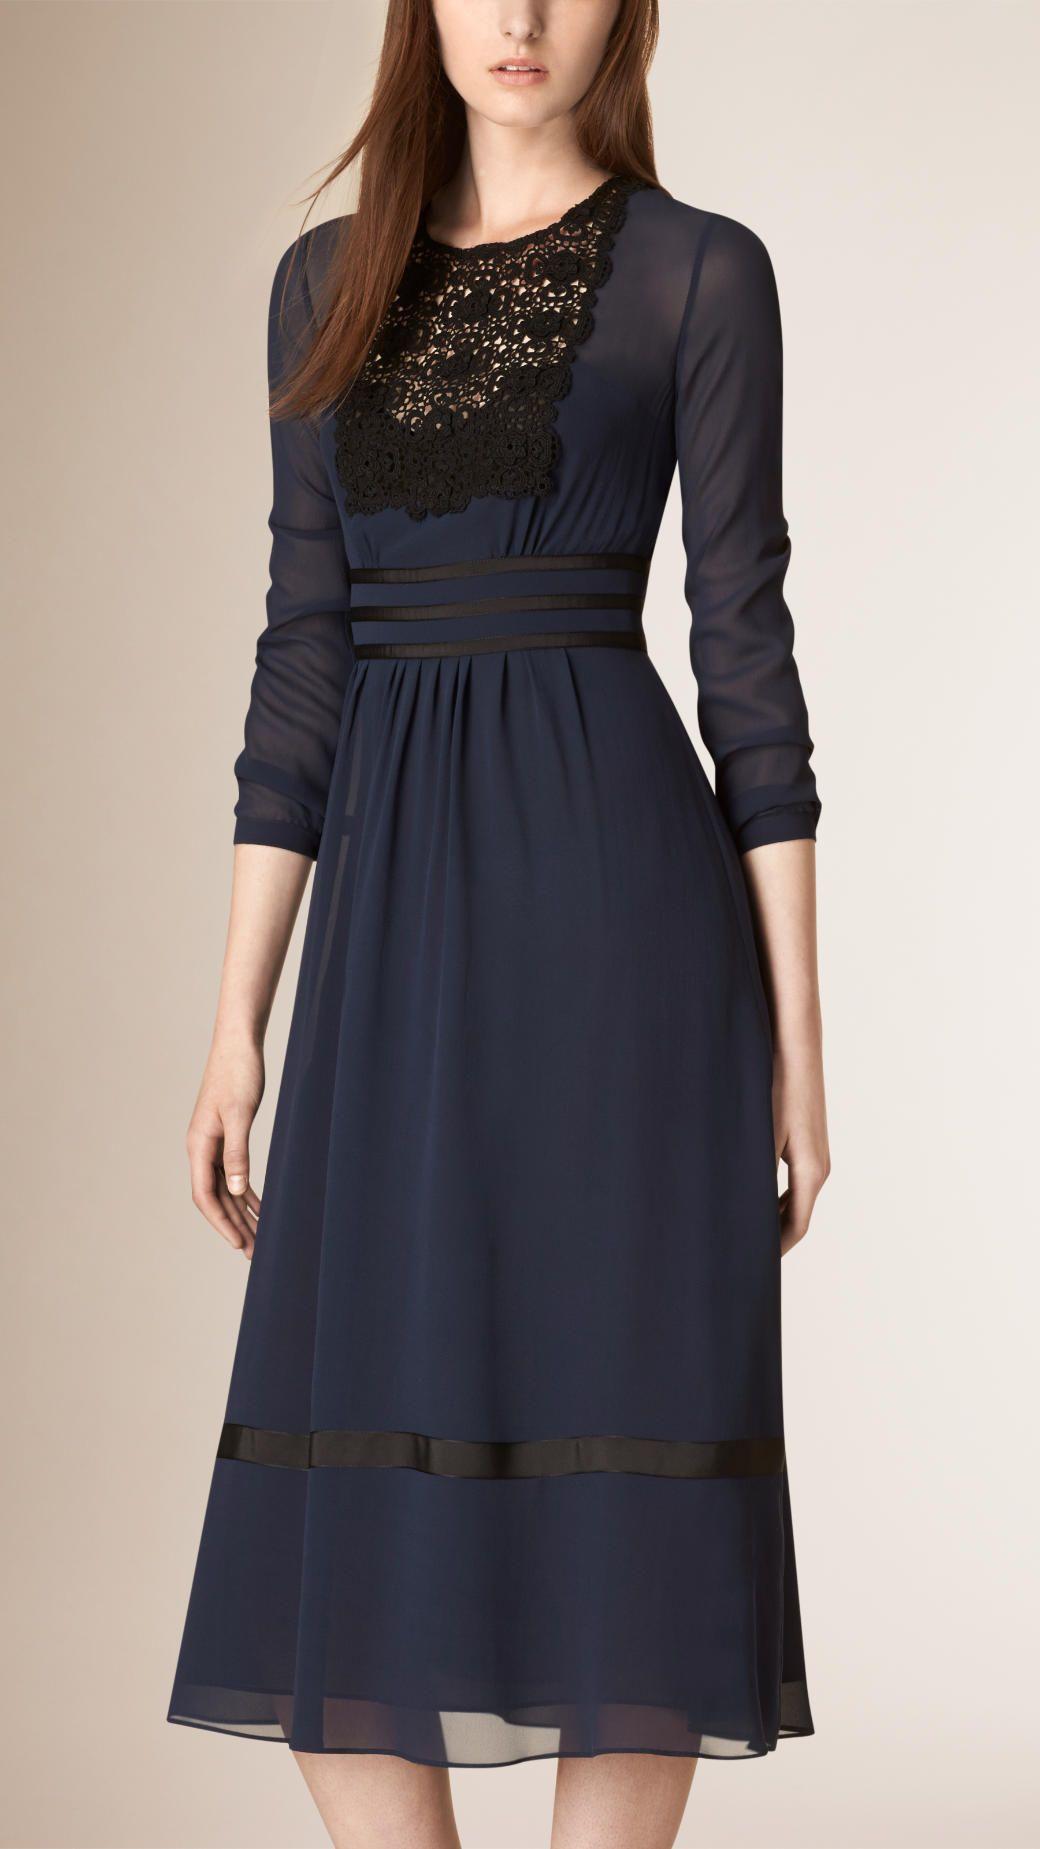 e0b4943c41 Lace Trim Silk Empire Line Dress